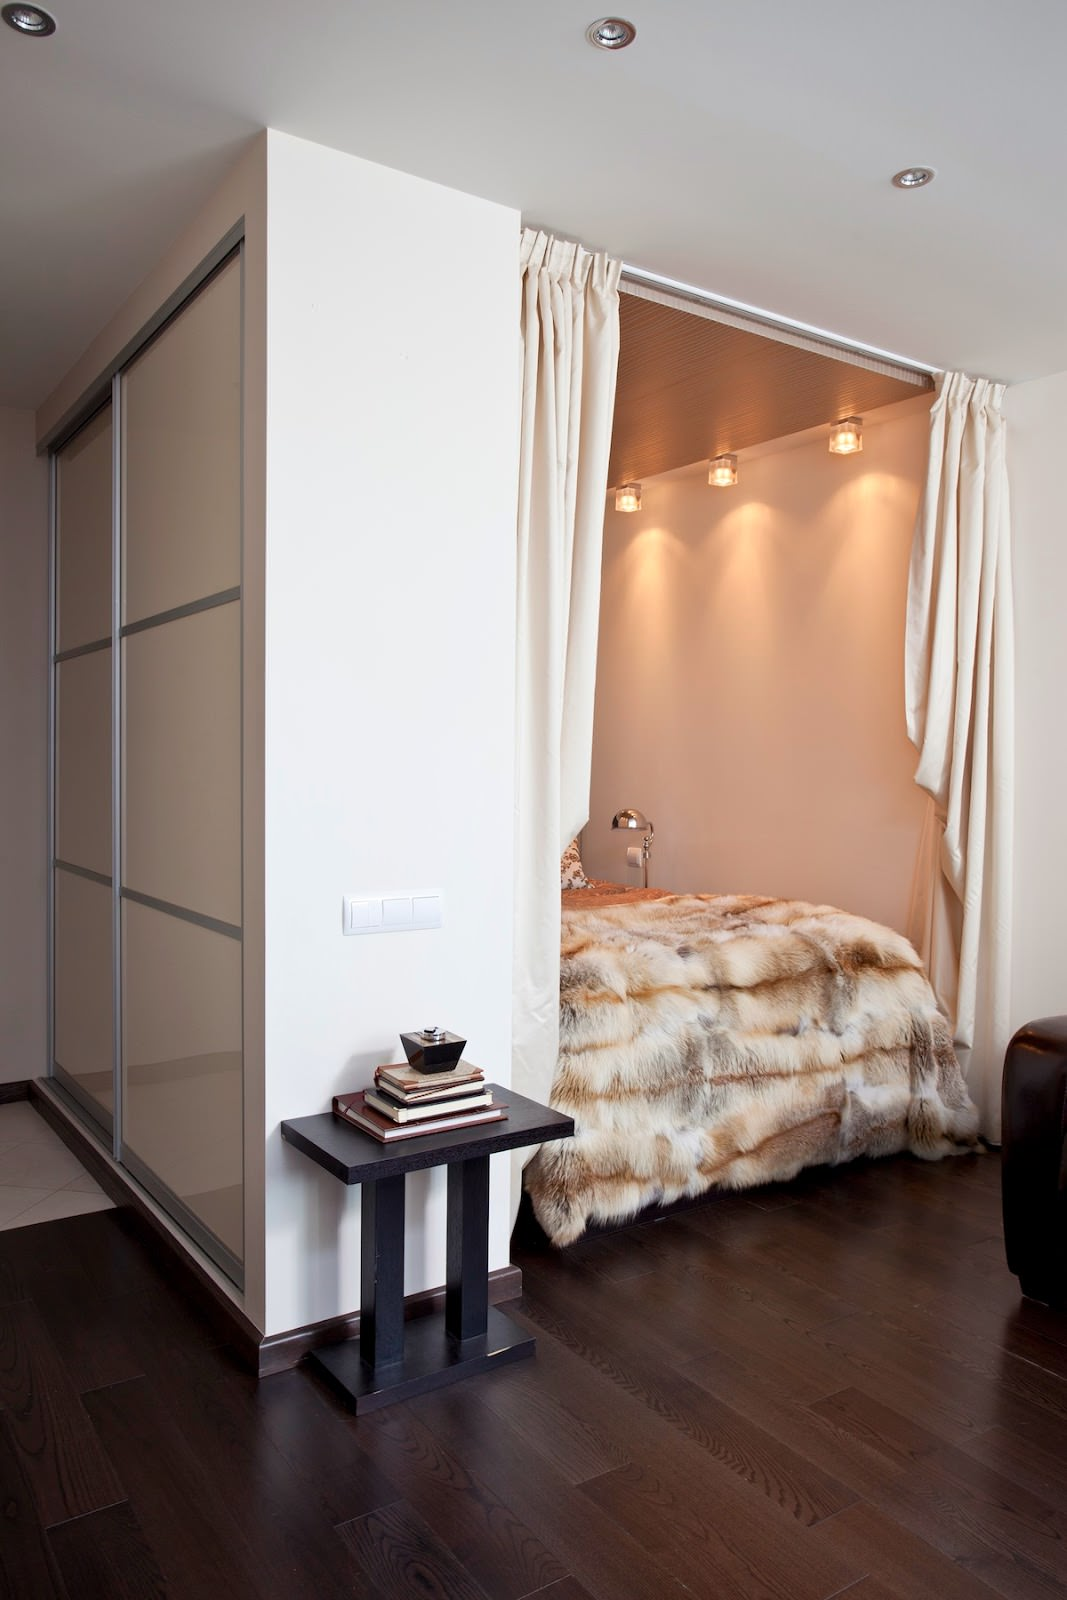 Интерьер 1 комнатной квартиры студии 33 кв.м фото